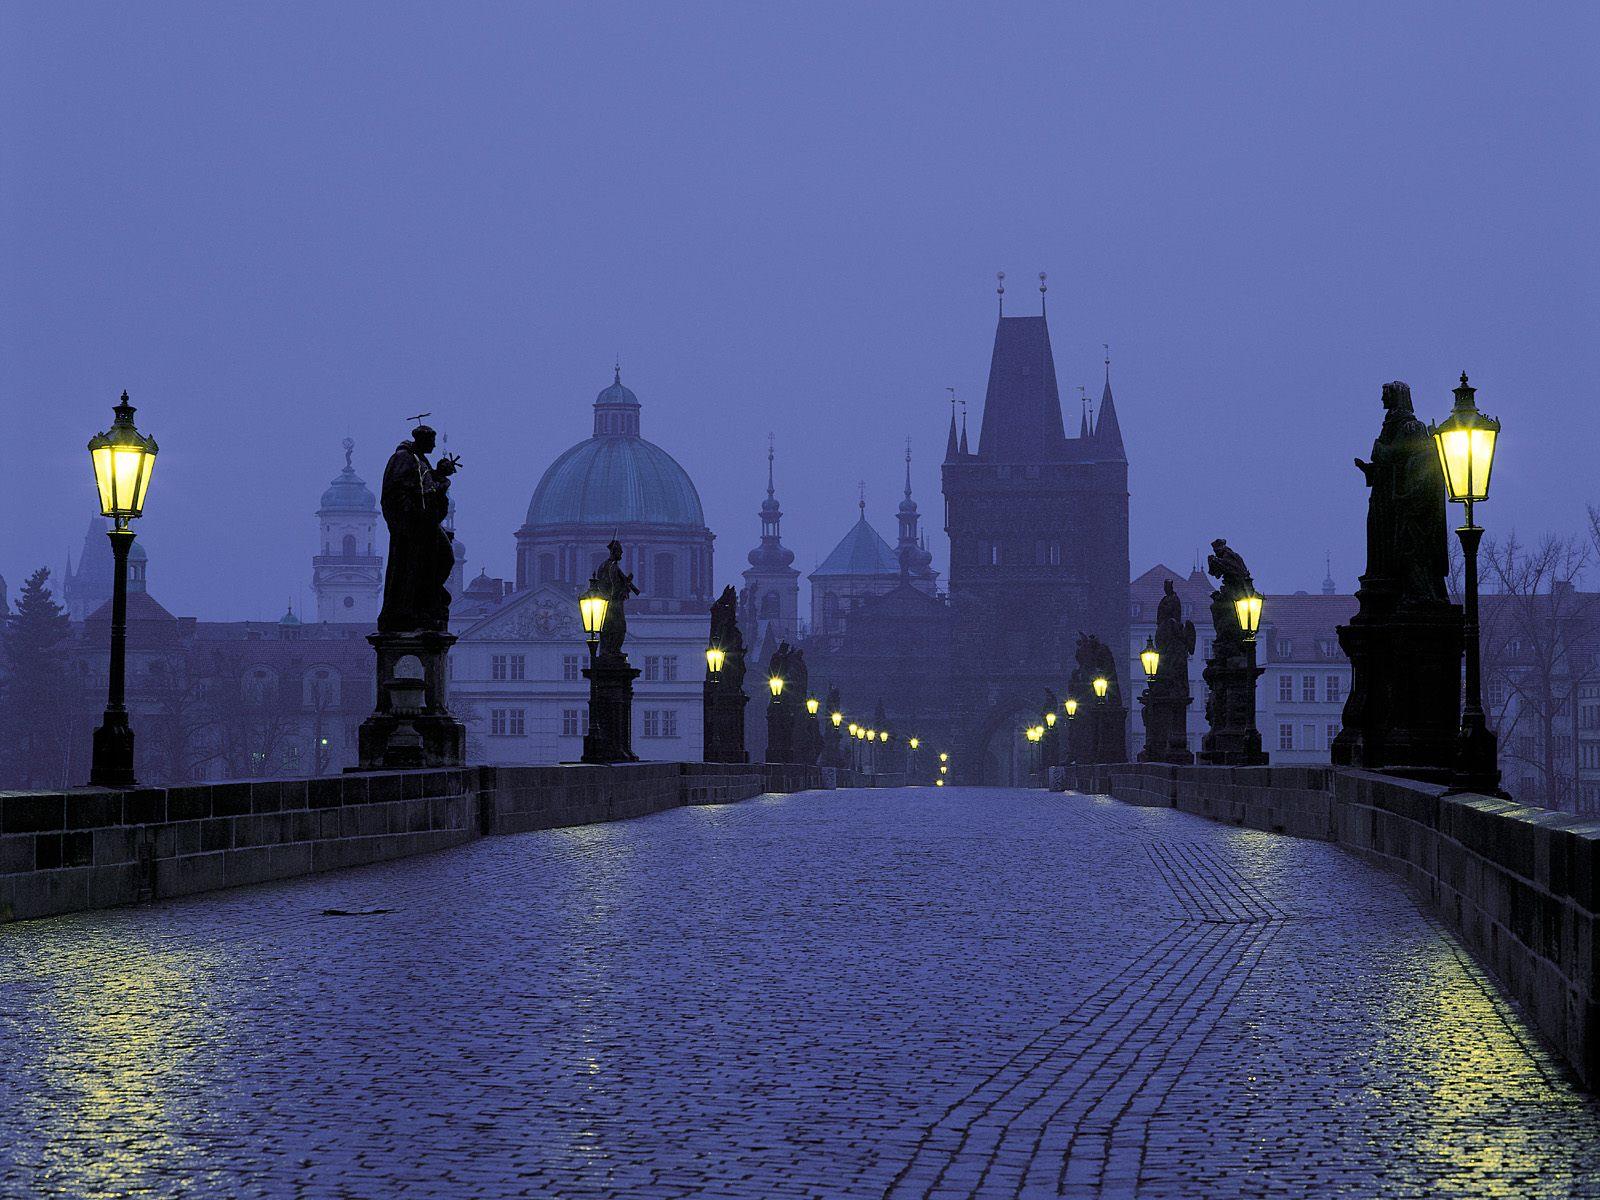 De beroemde Karelsbrug in Praag, vroeg in de morgen met de lichten nog ...